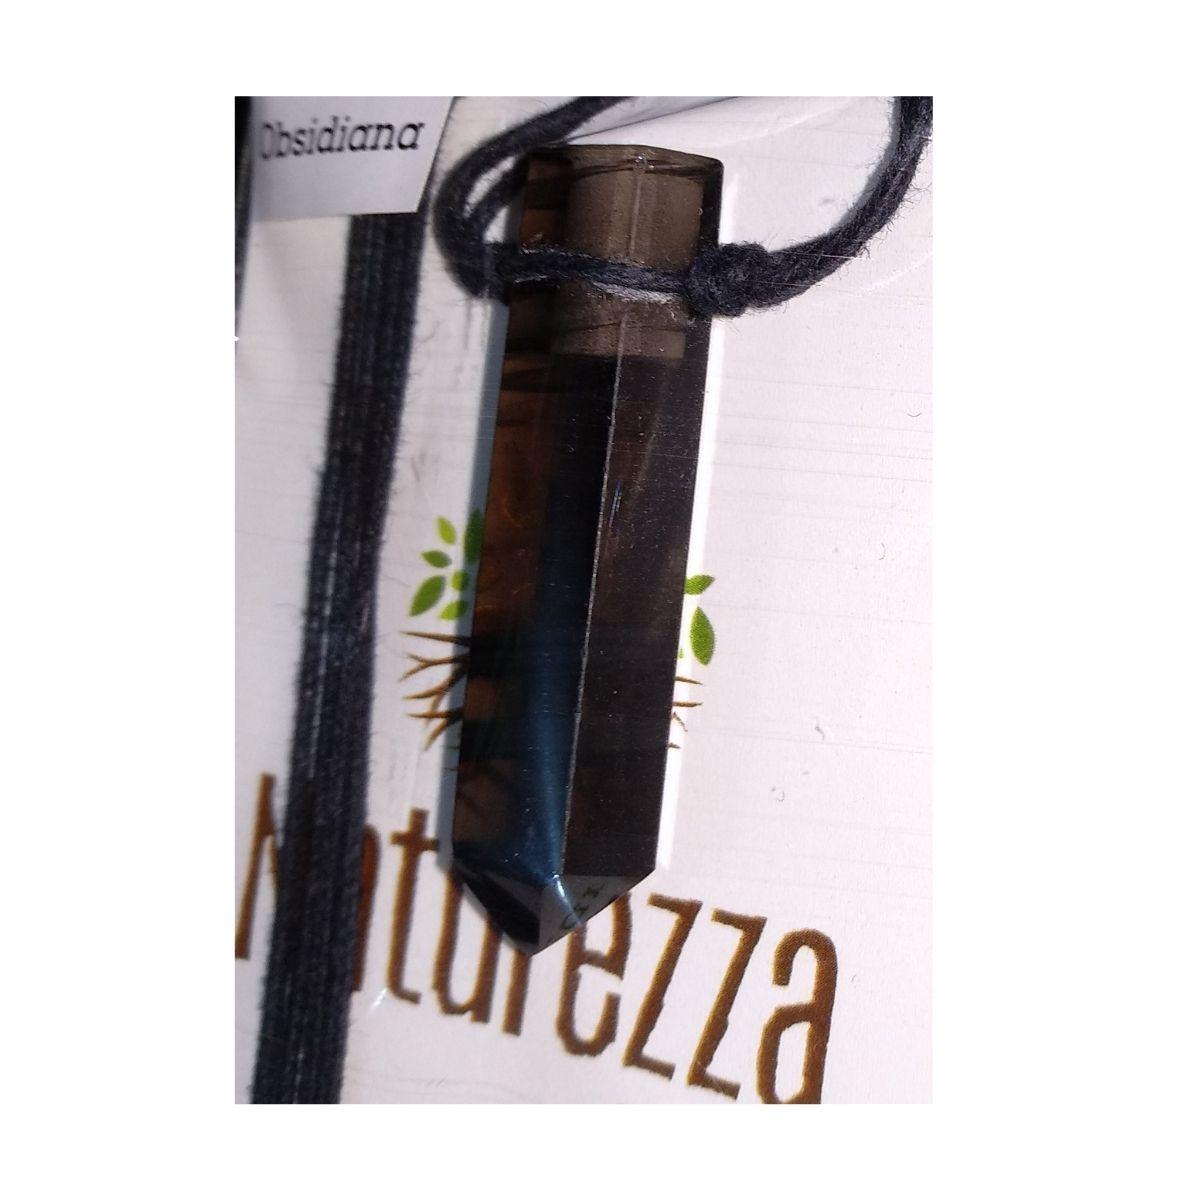 Colar de Obsidiana Lágrima de  Apache  c/ cordão de algodão ( Perfumeira para Aromaterapia ou  Difusor Pessoal)